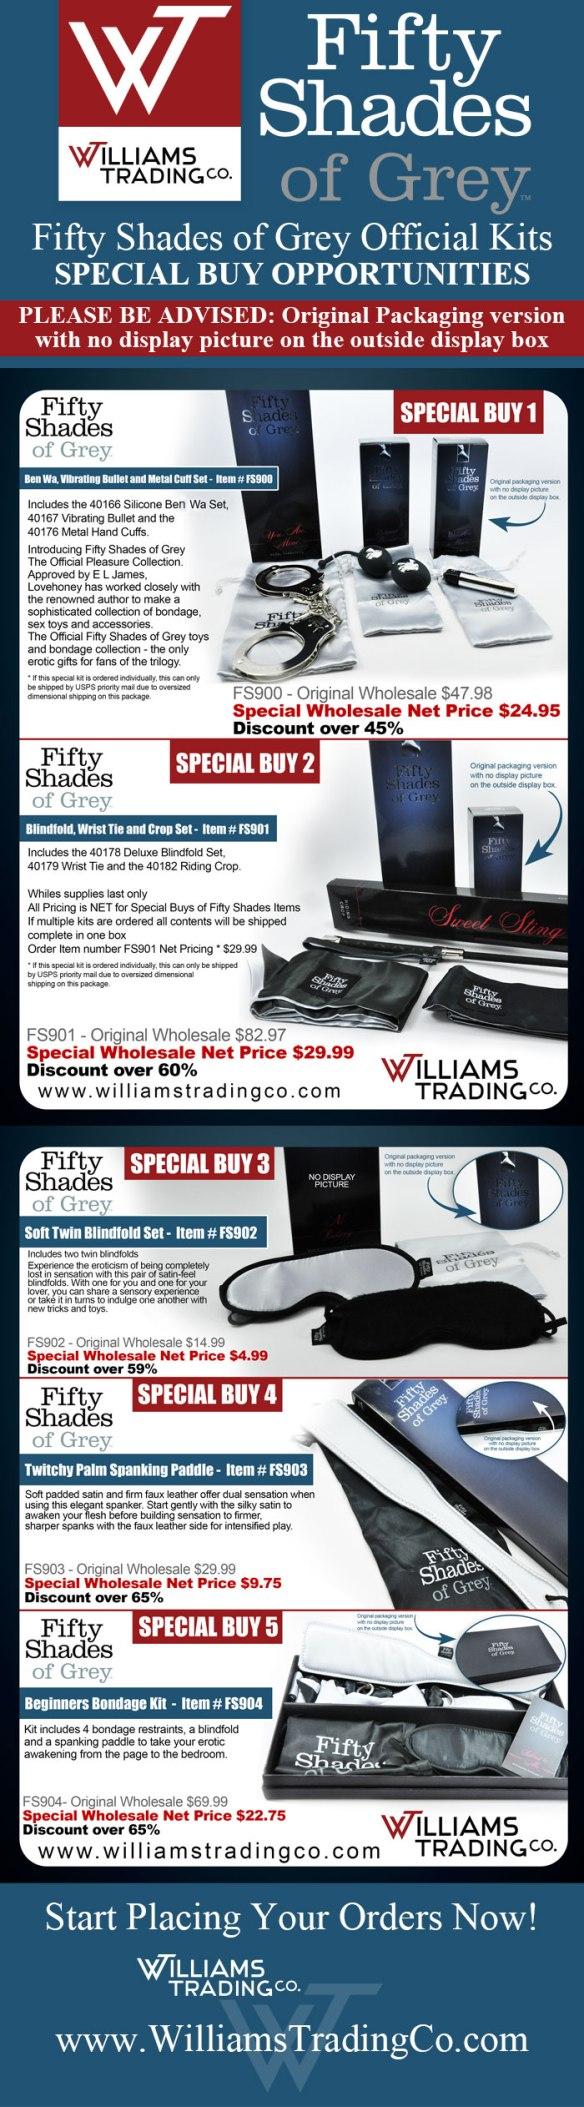 fifty shades kits